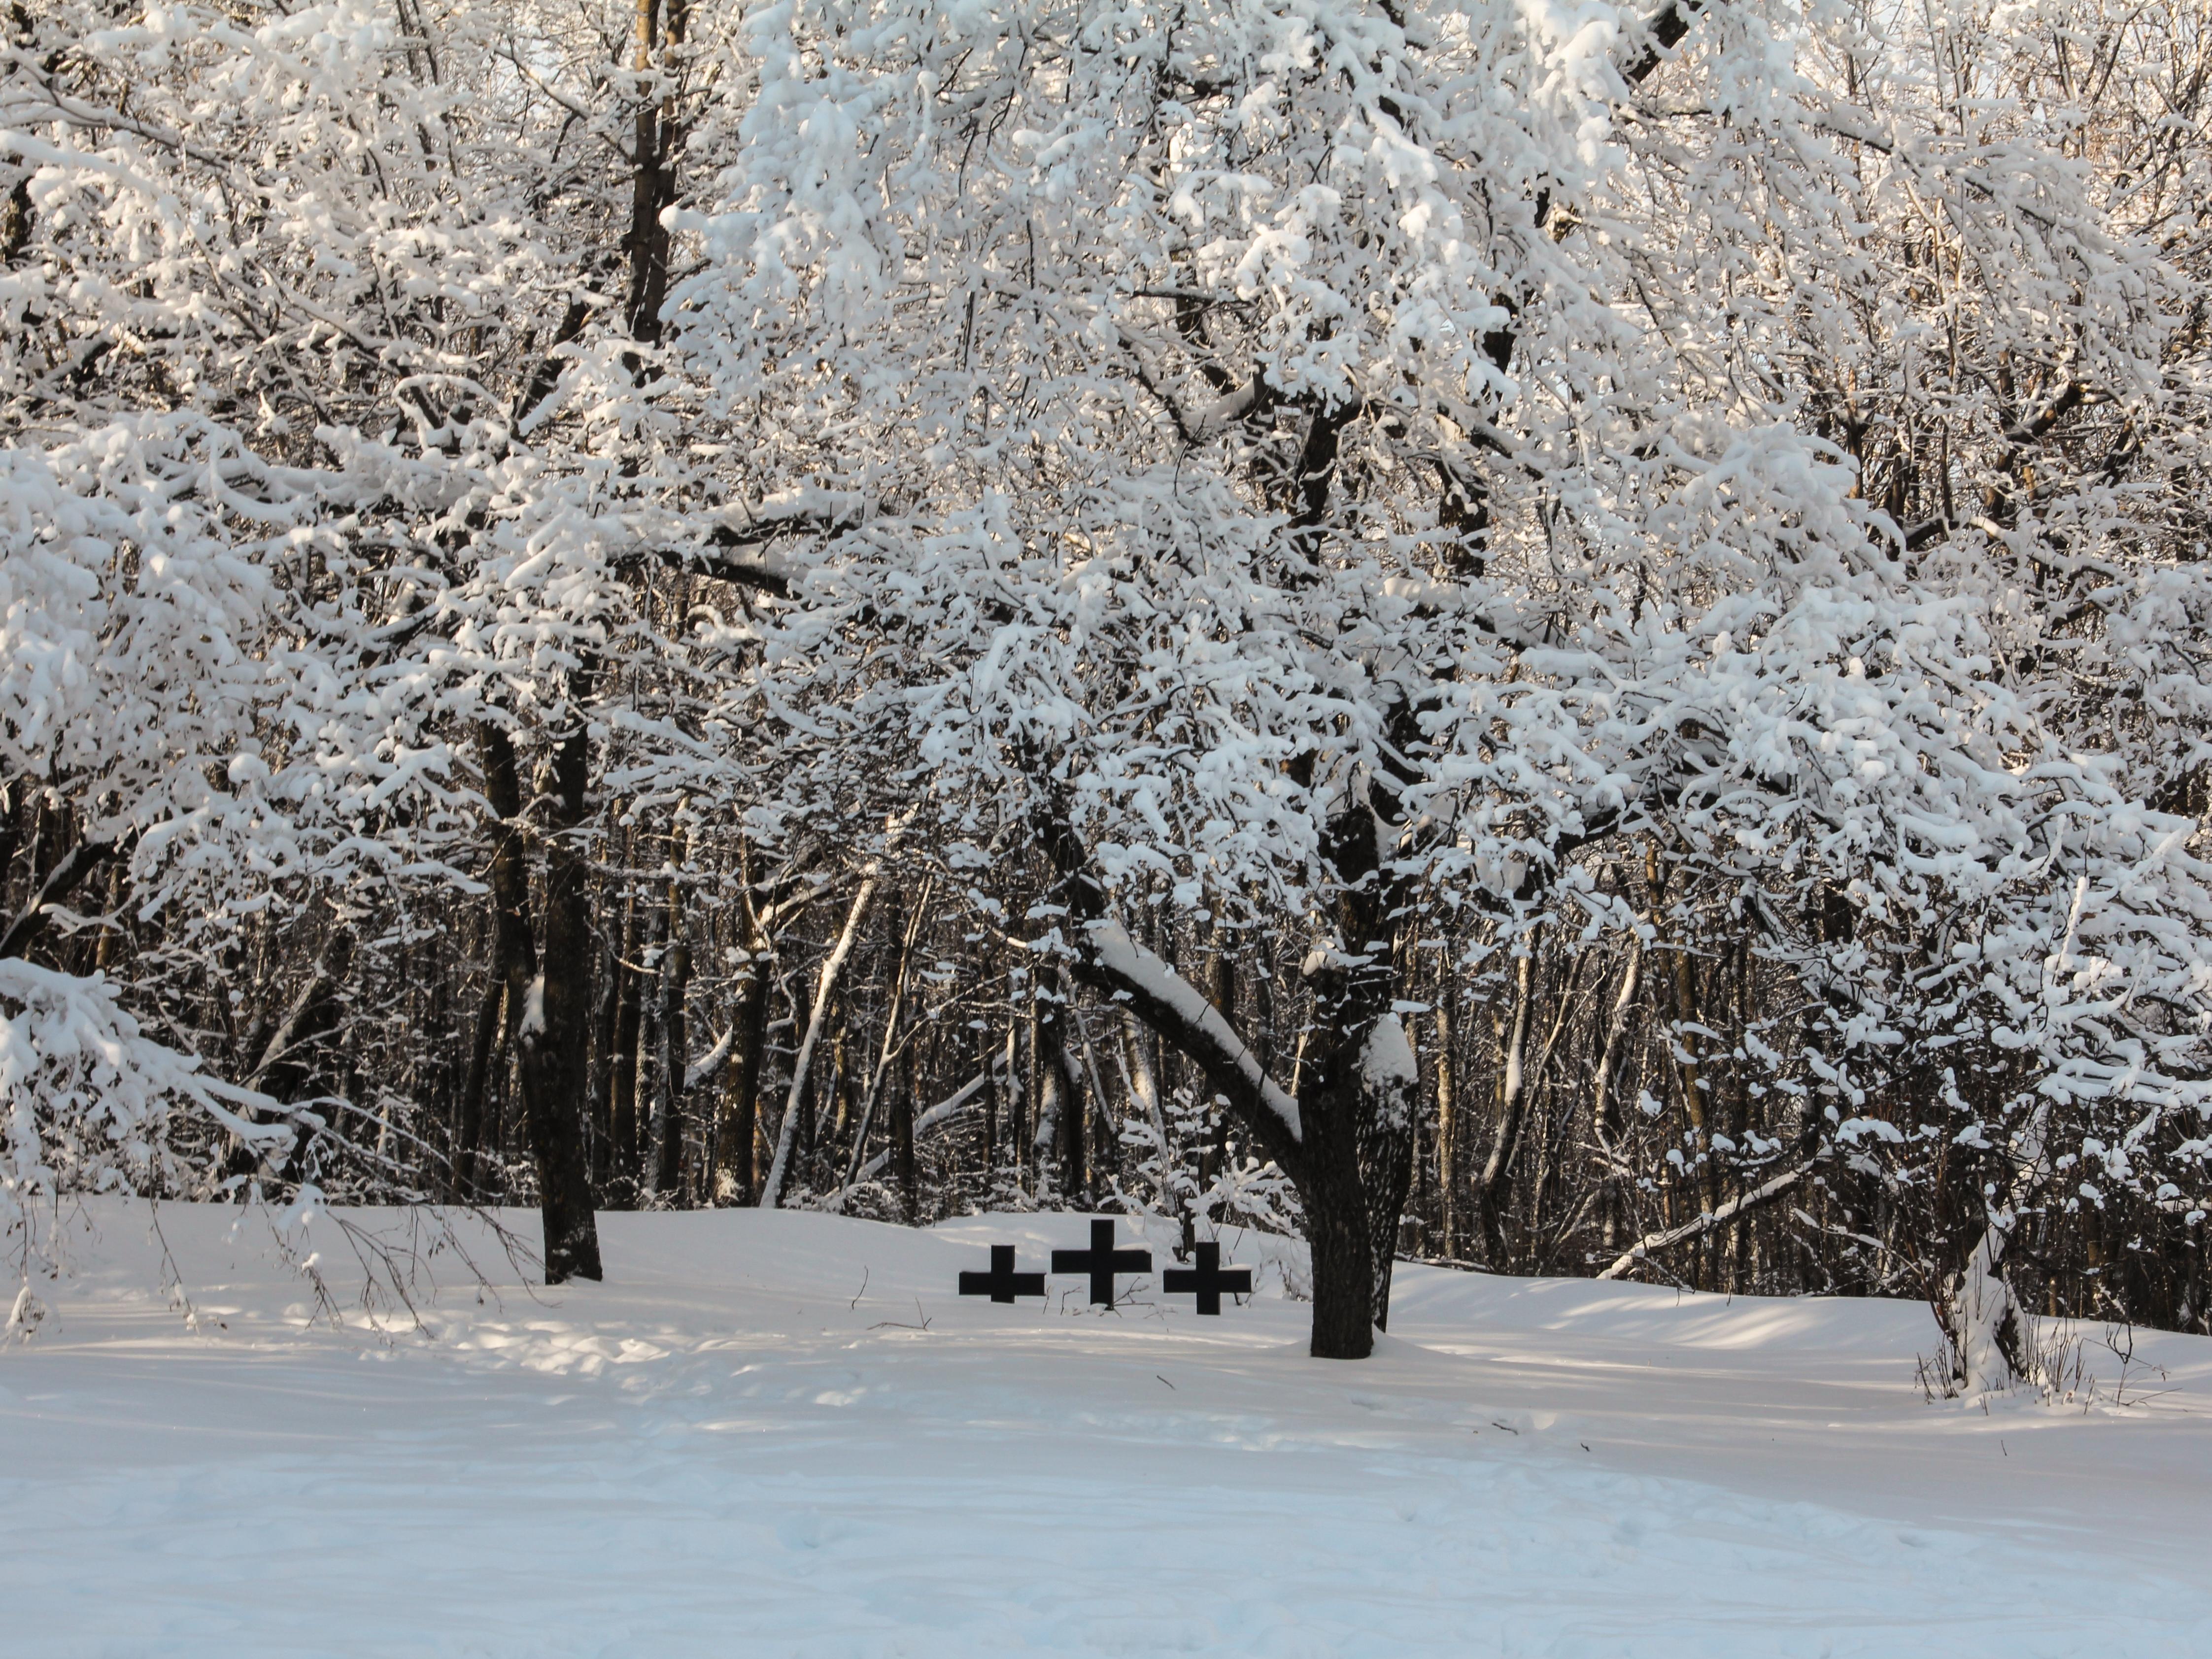 Венгерское (немецкое) кладбище на территории Кумысной поляны